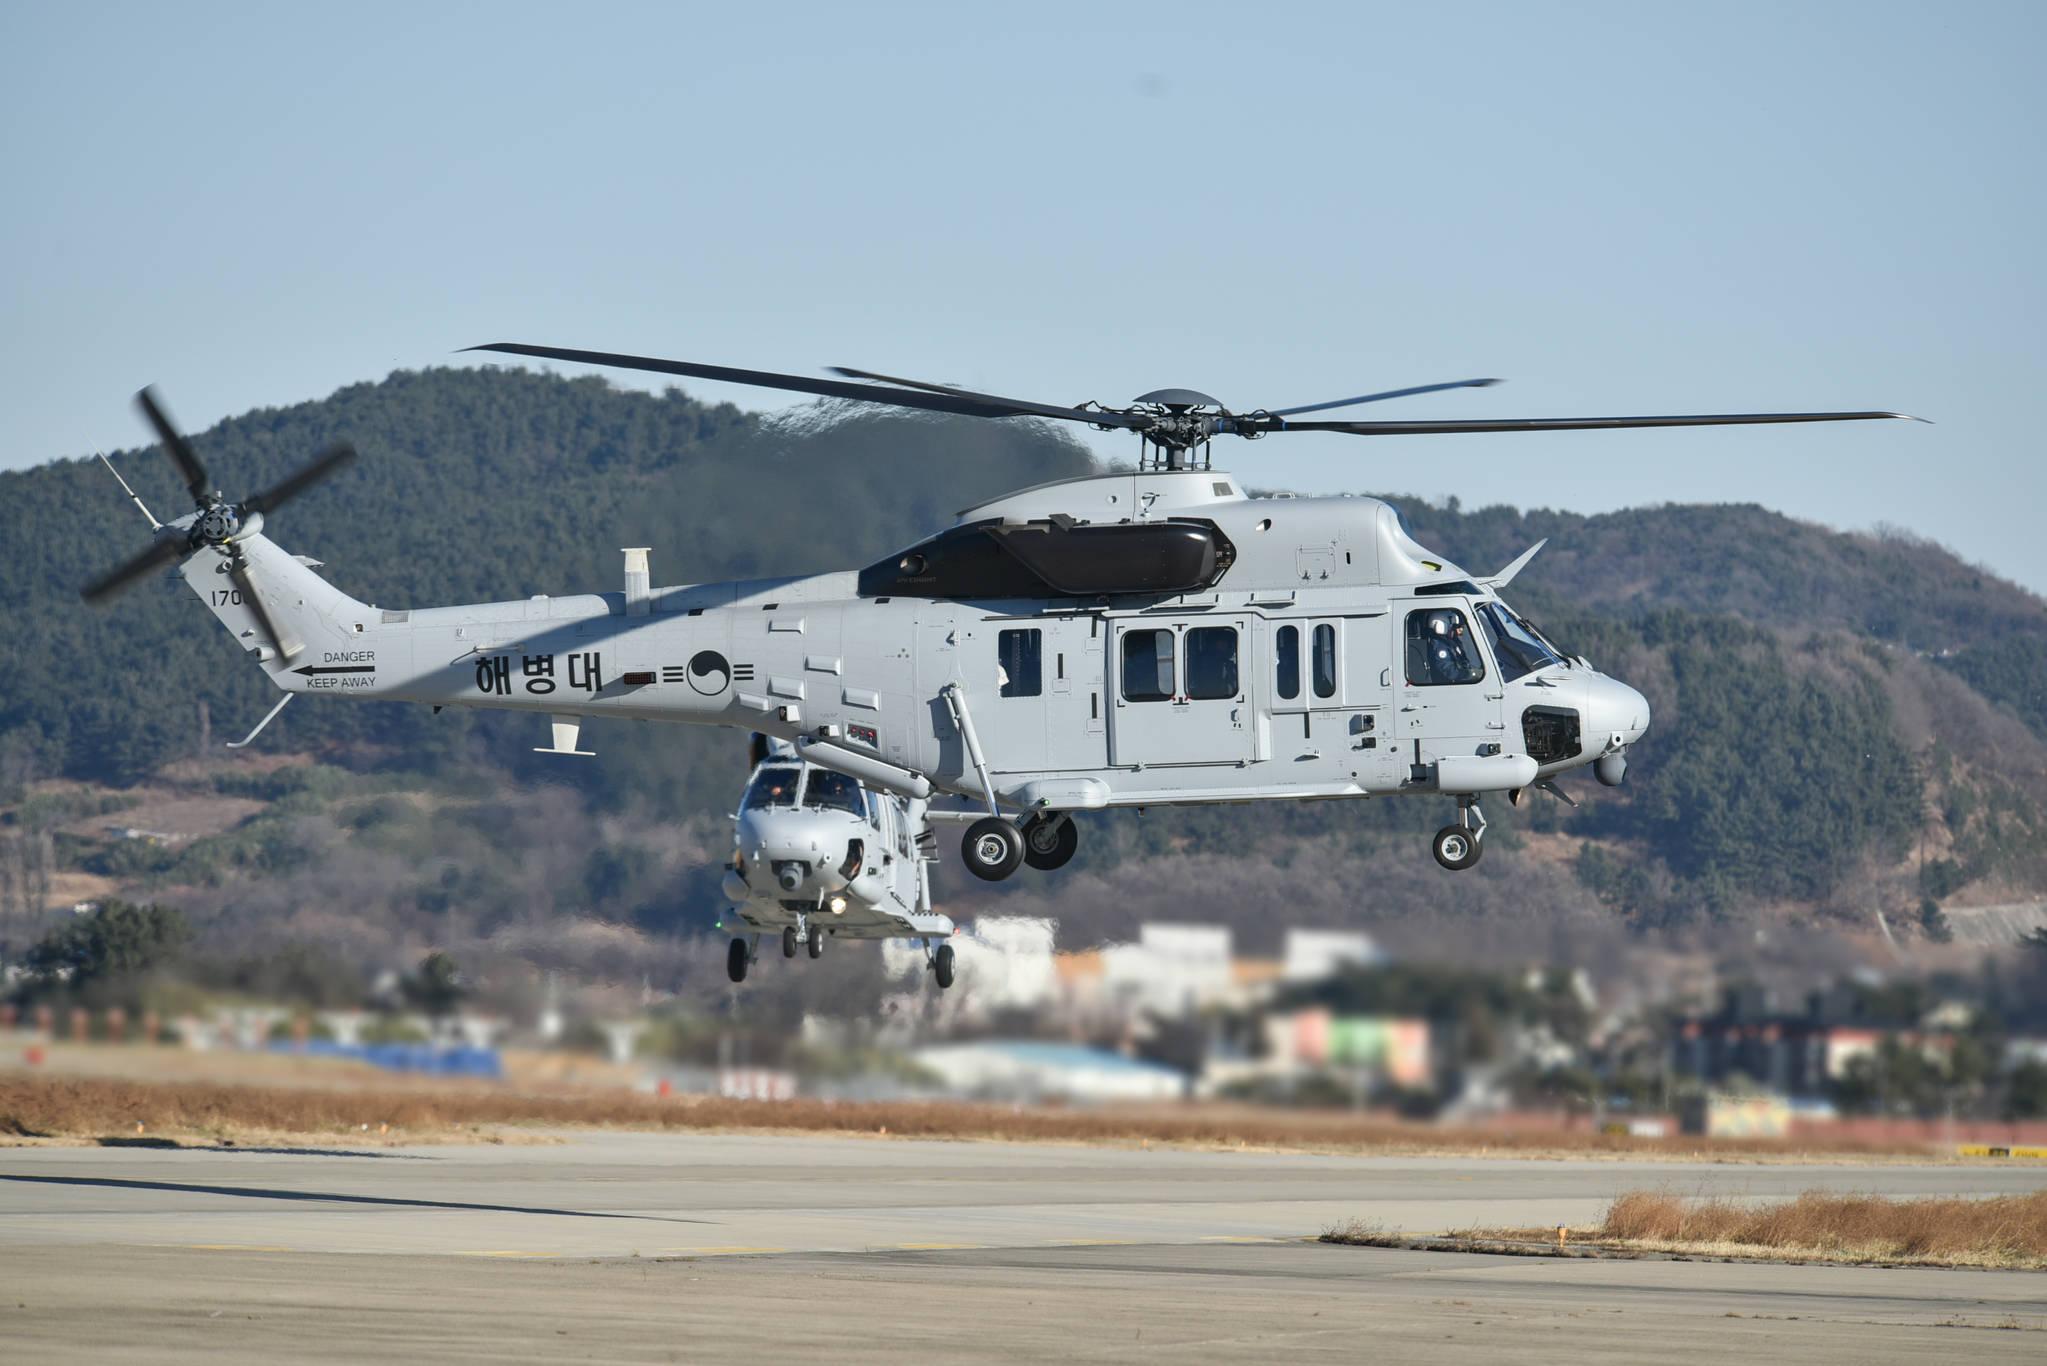 지난해 12월 27일 해병대 상륙기동헬기 '마린온' 2대가 해병대 1사단 항공대에 착륙하고 있다. [사진 해병대]